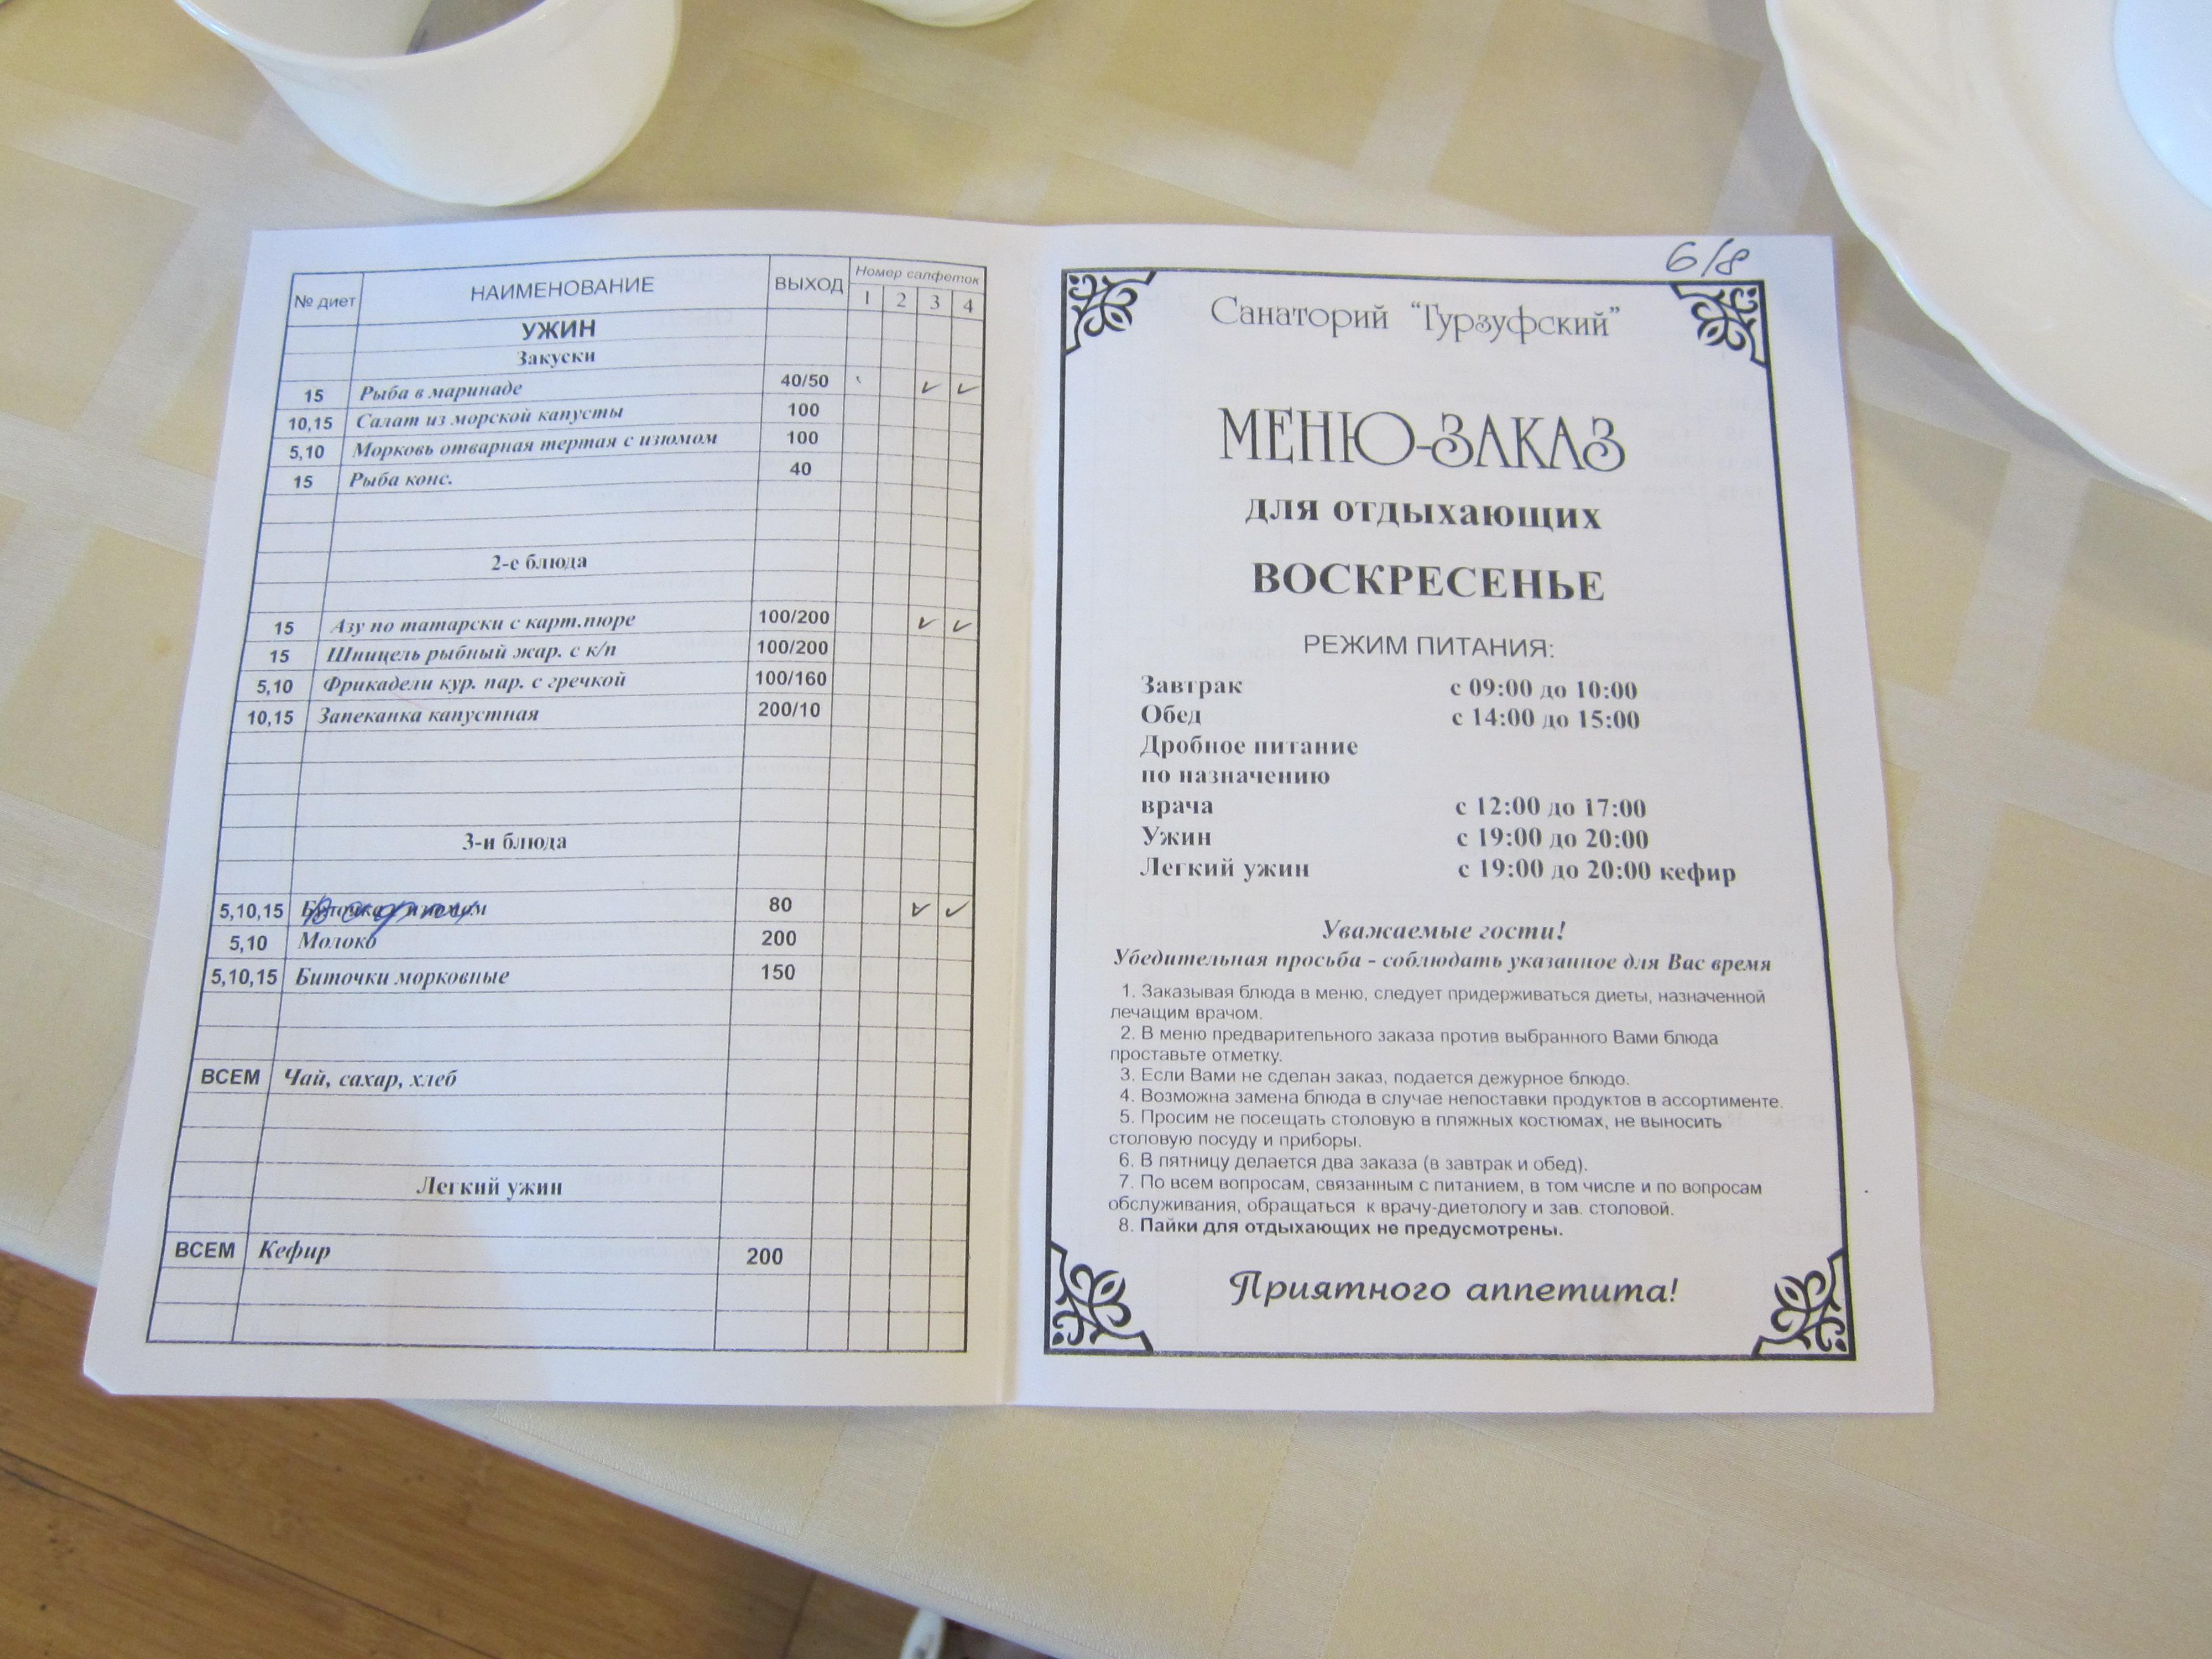 Что такое меню заказ в санатории